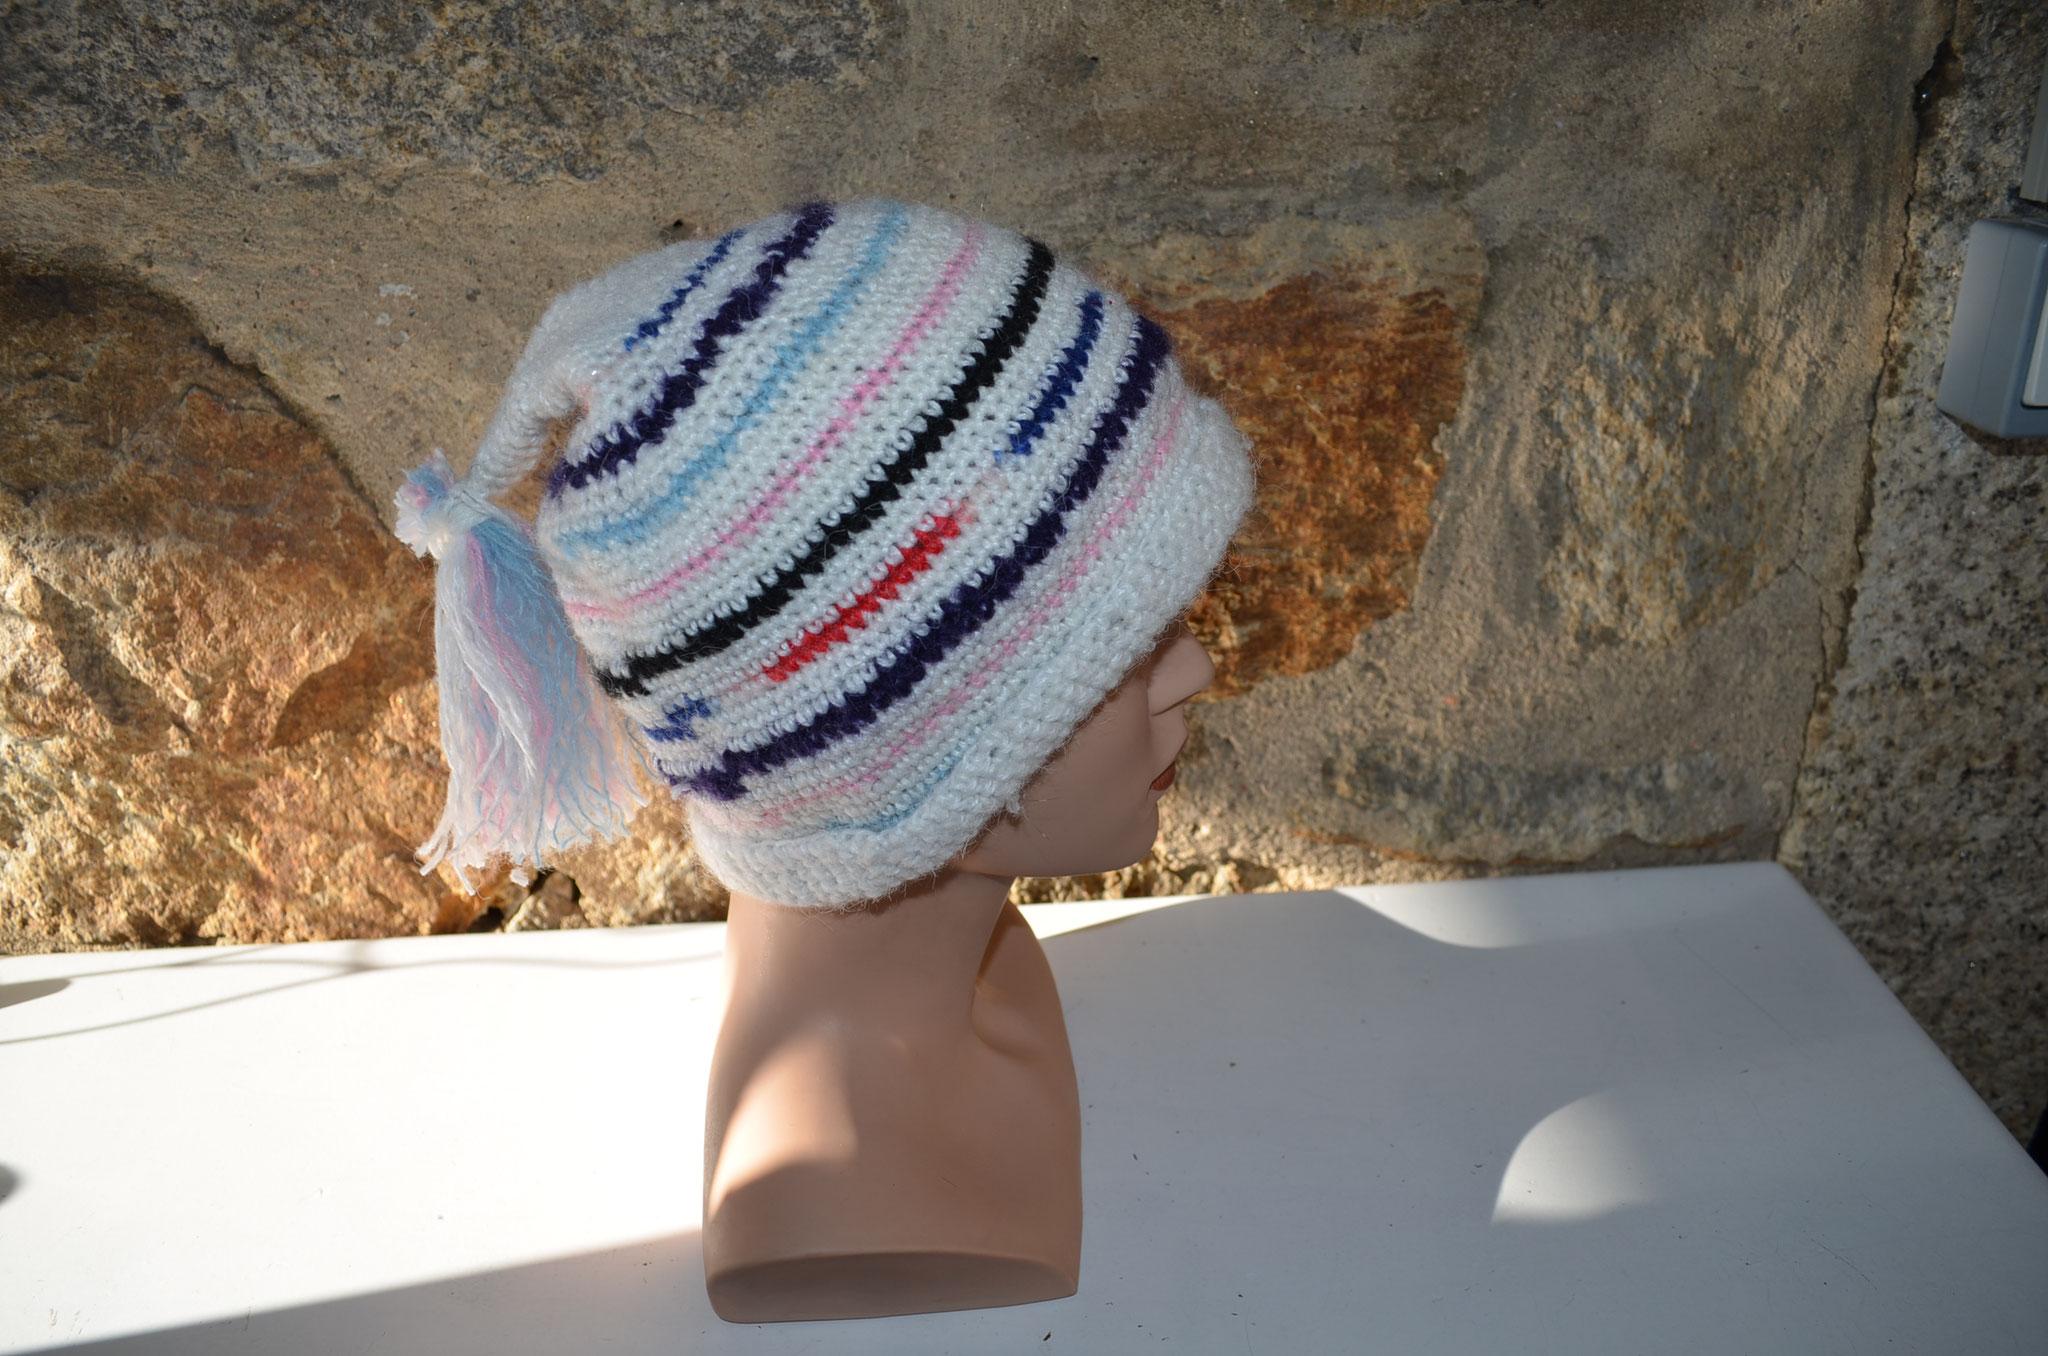 bunt gestreifte Zipfelmütze mit Quast. Handmade und Design by Zeitzeugen-Manufactur. 10,00 €